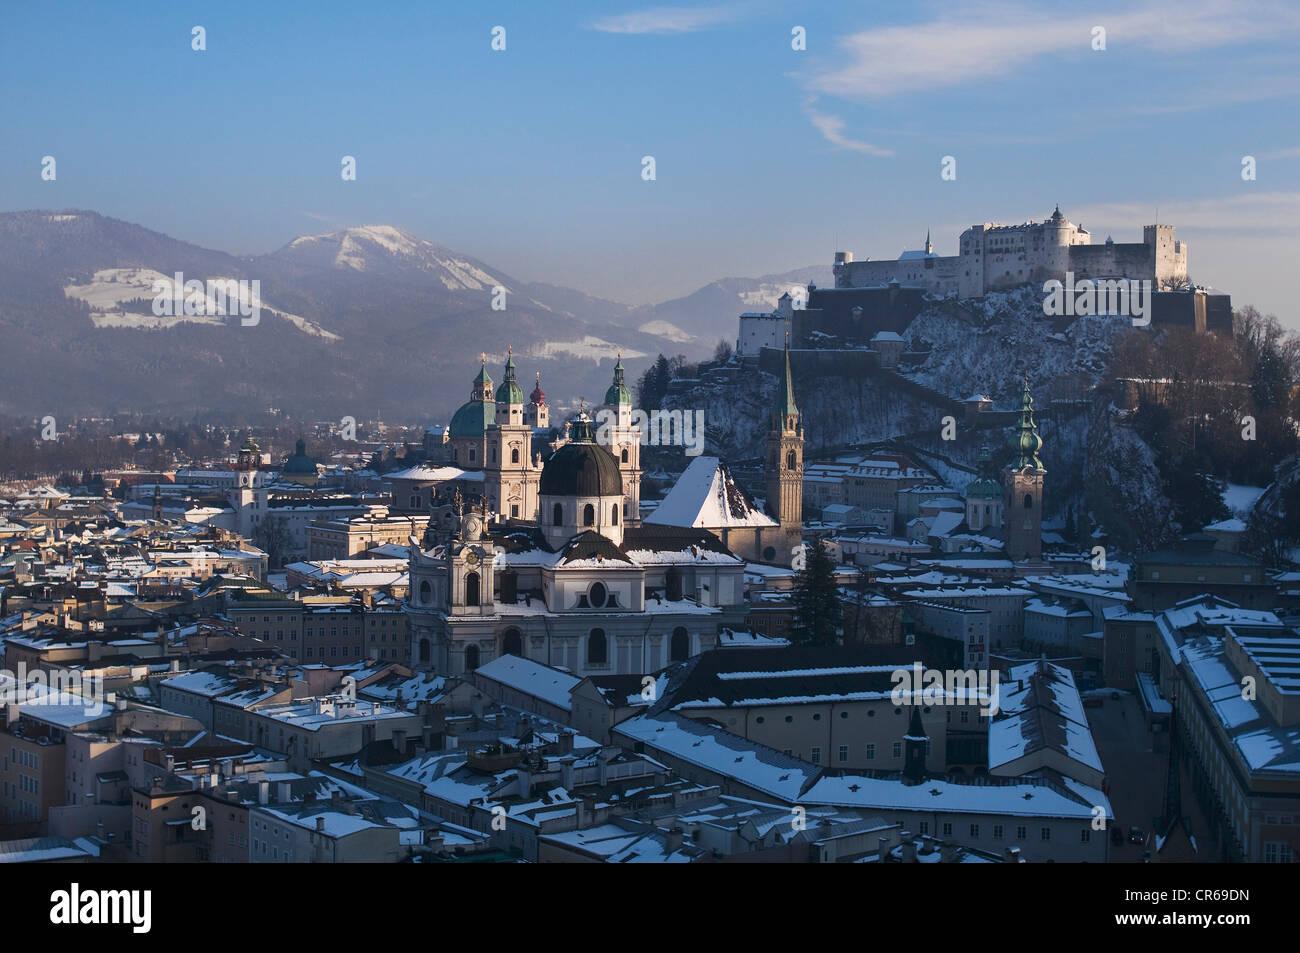 Beeindruckende Aussicht auf die winterliche Salzburger Altstadt, UNESCO-Weltkulturerbe, Universität, Kathedrale Stockbild